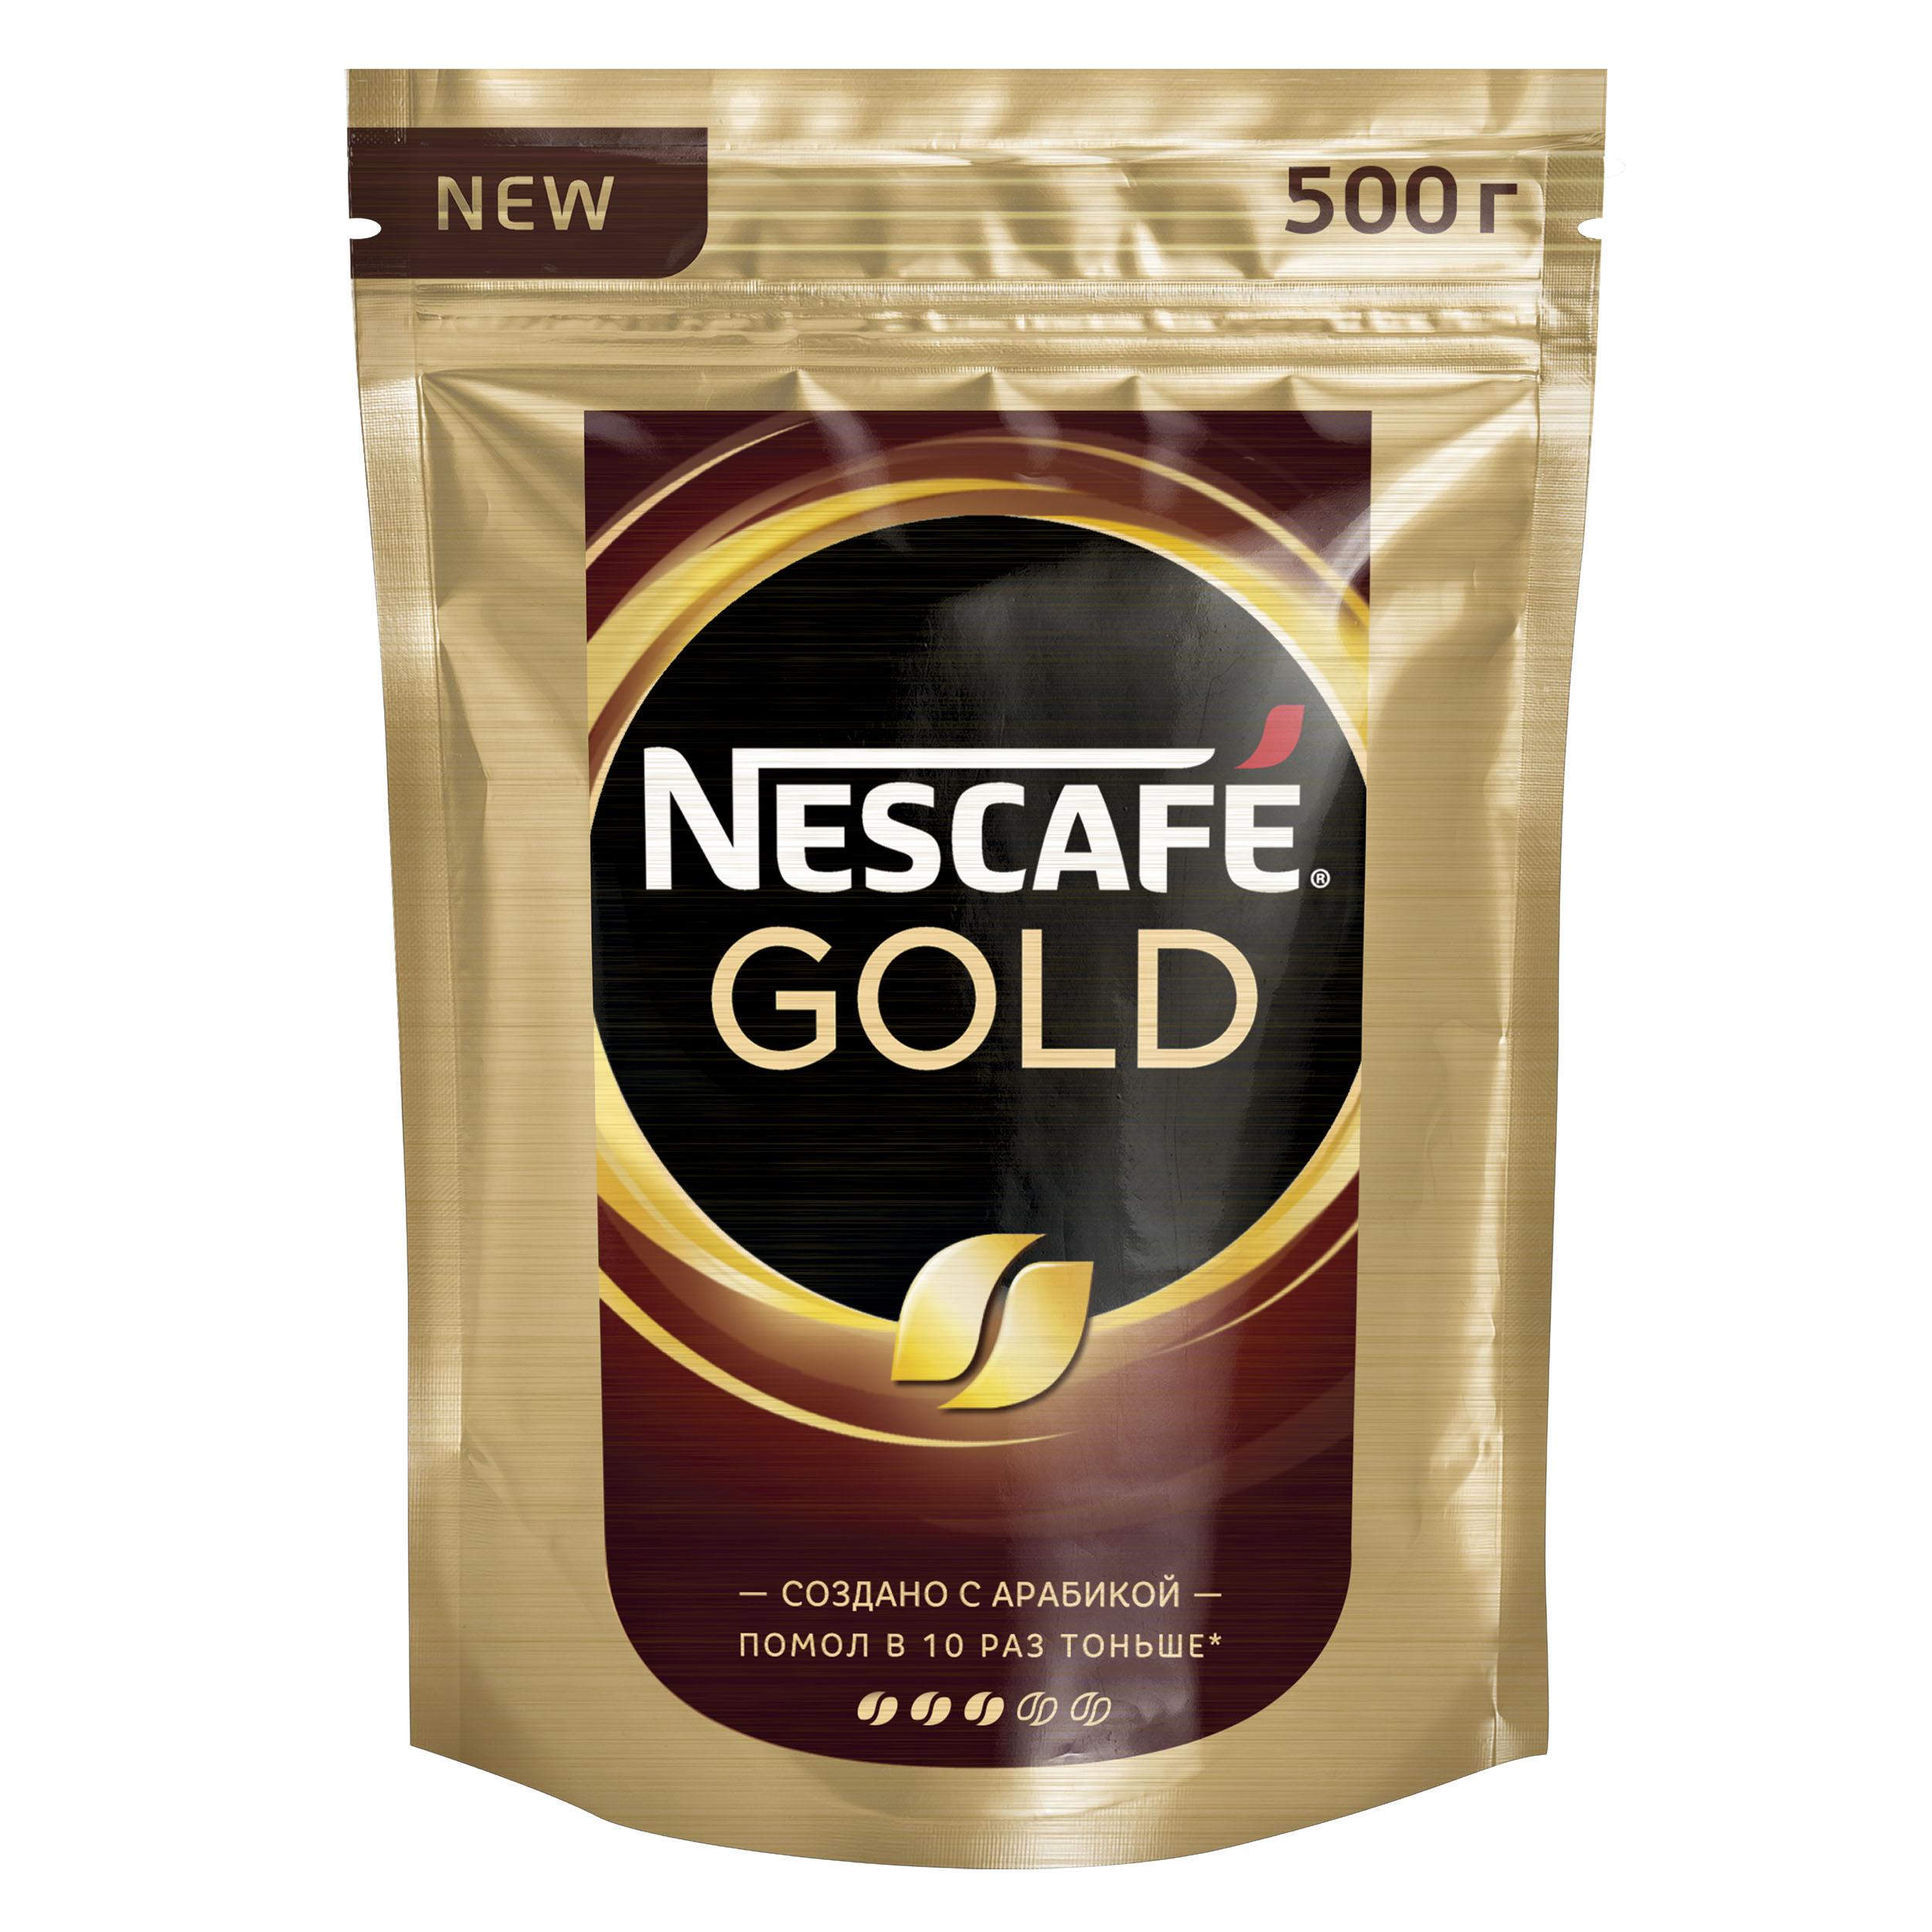 Кофе растворимый Nescafe gold кофе растворимый пакет 500 г